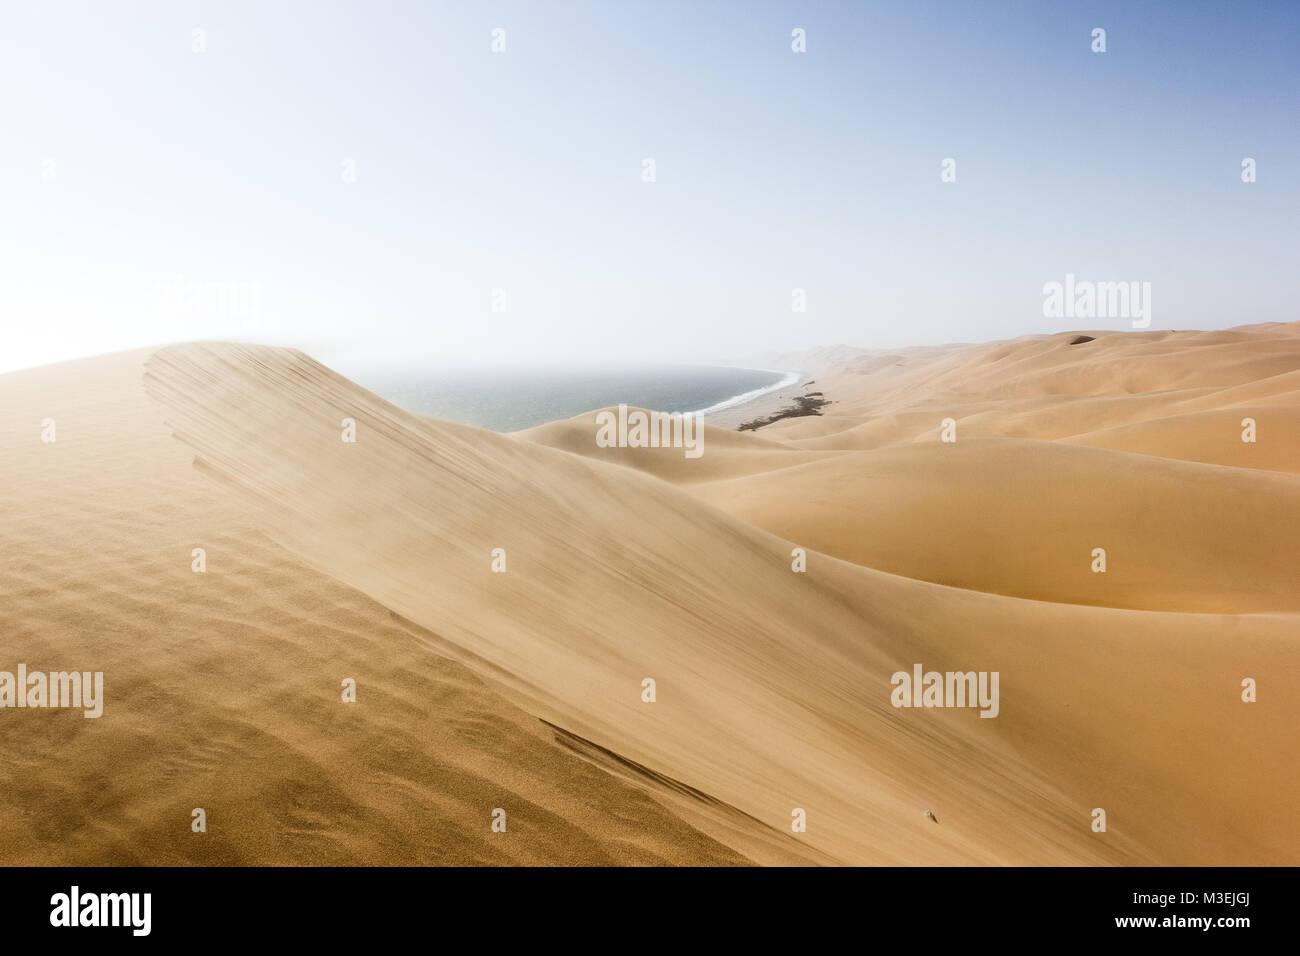 Sandwich Harbour, où le désert rencontre l'océan, la Namibie, l'Afrique Banque D'Images